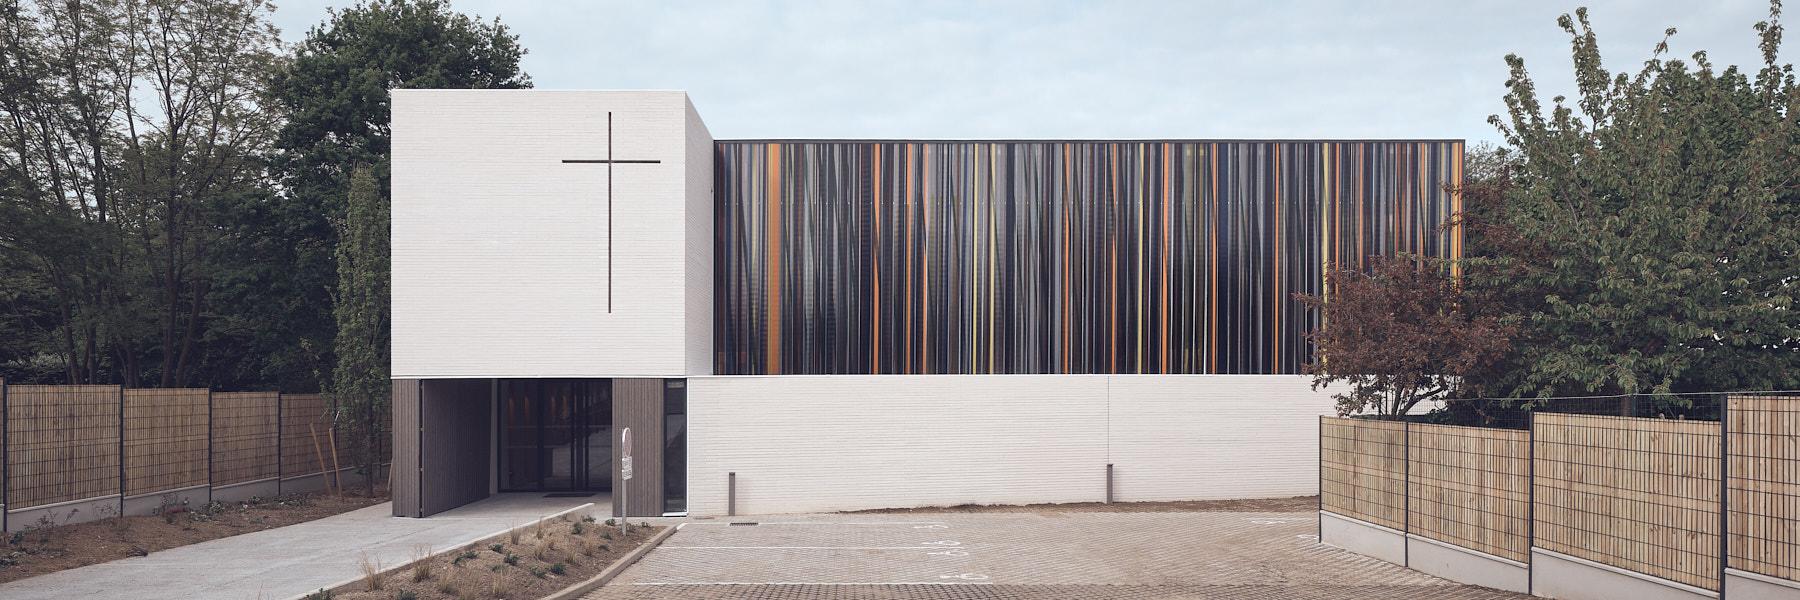 Nouvelle Eglise St Joseph à Montigny-Les-Cormeilles par Enia architectes par Enia architectes